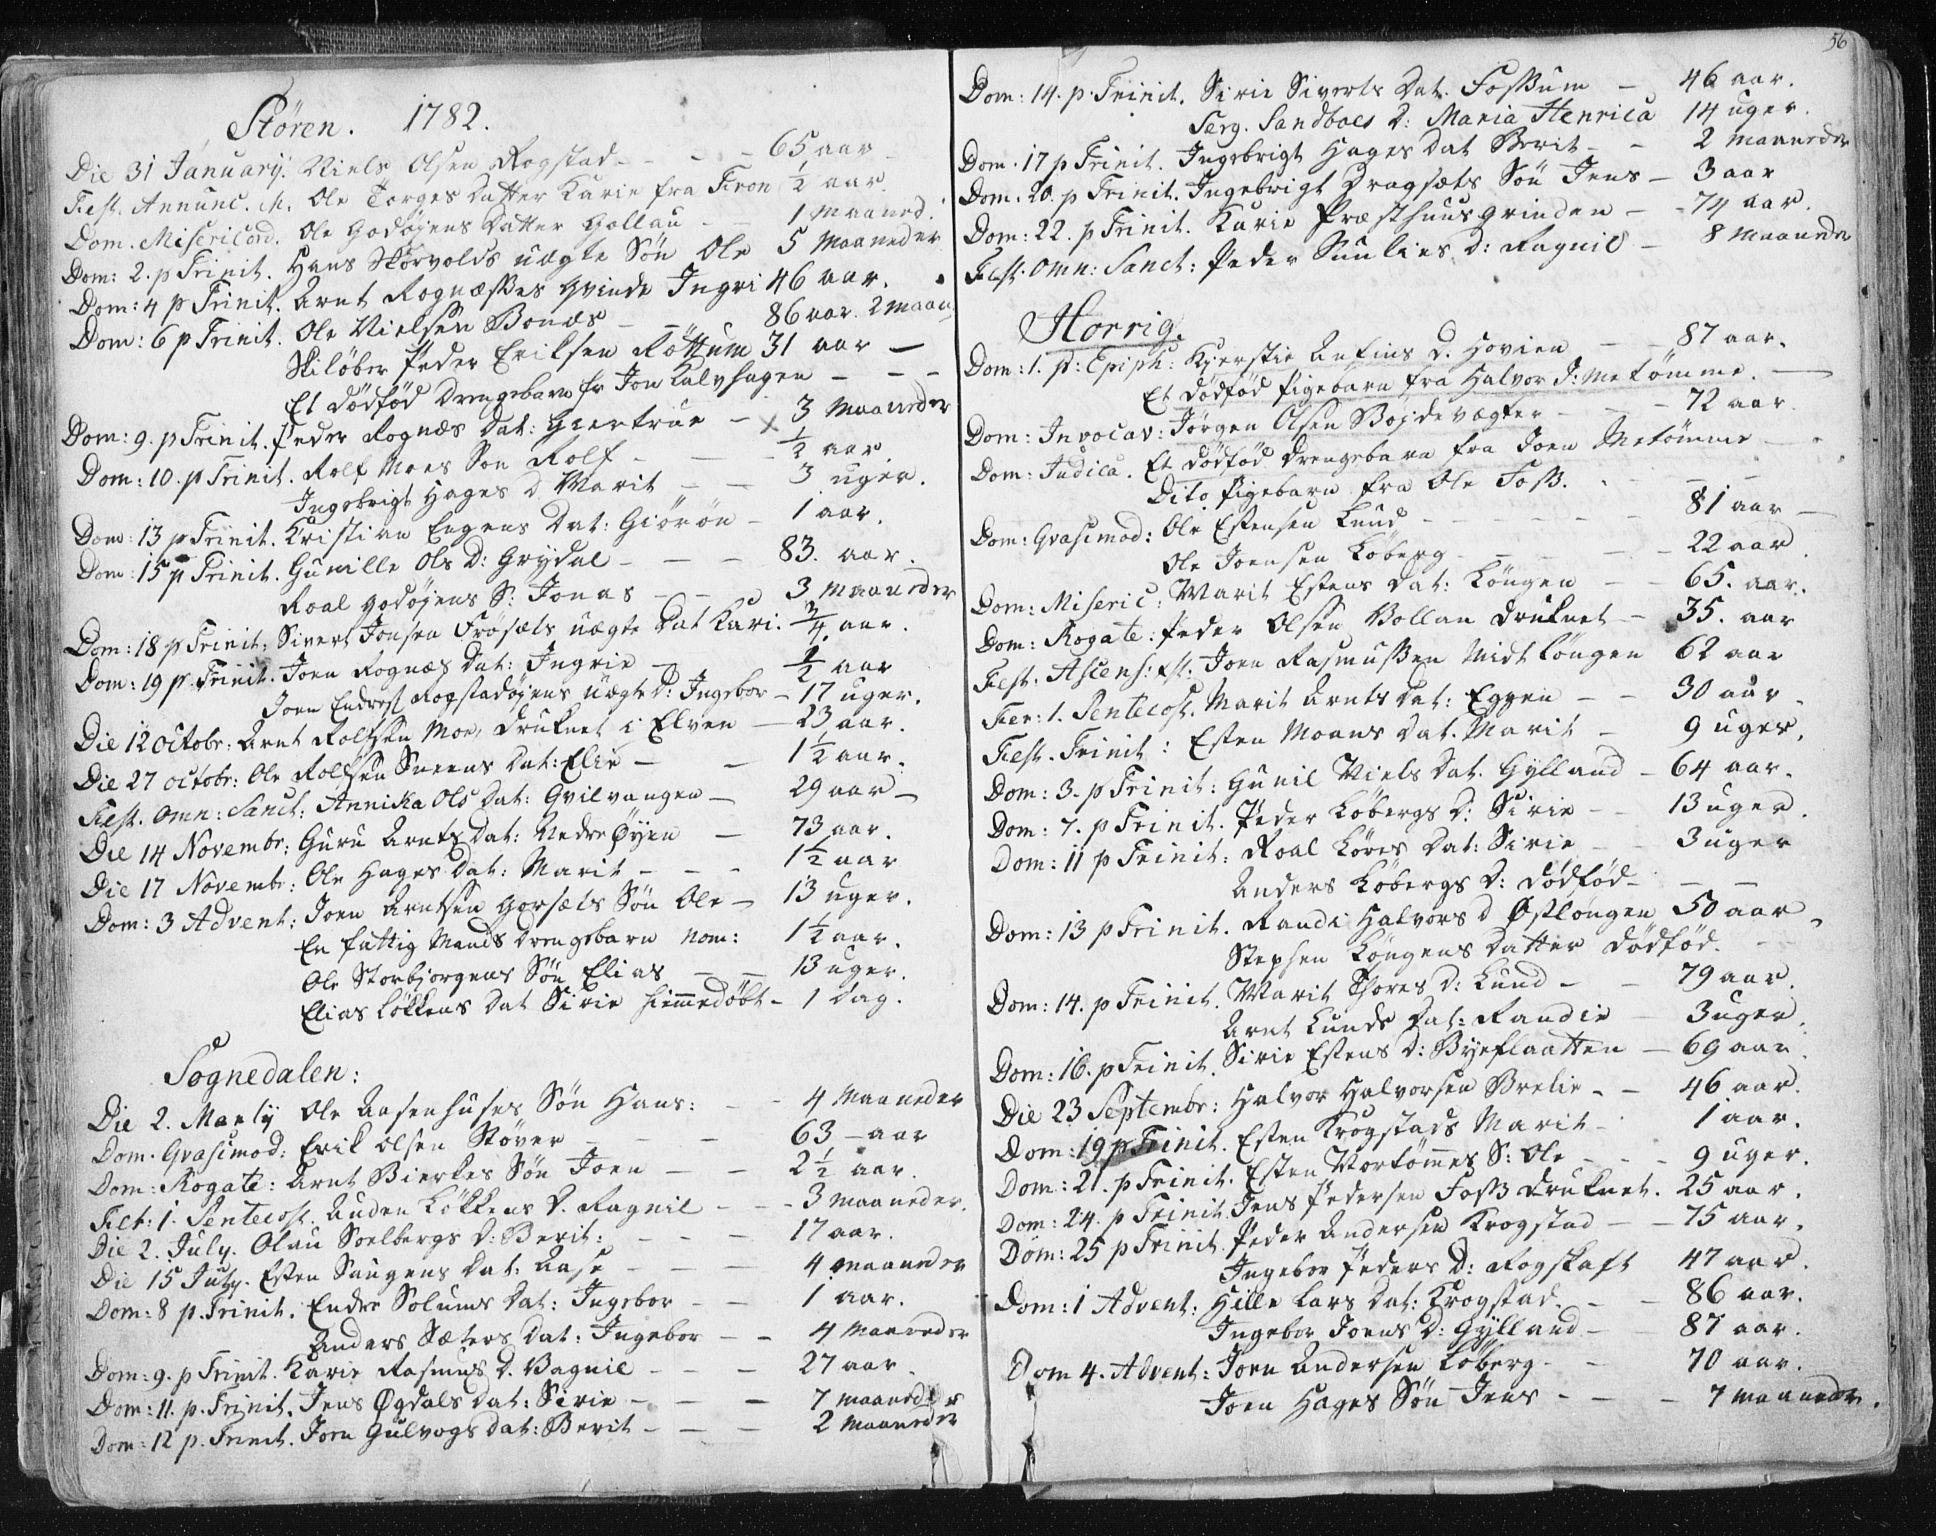 SAT, Ministerialprotokoller, klokkerbøker og fødselsregistre - Sør-Trøndelag, 687/L0991: Ministerialbok nr. 687A02, 1747-1790, s. 56